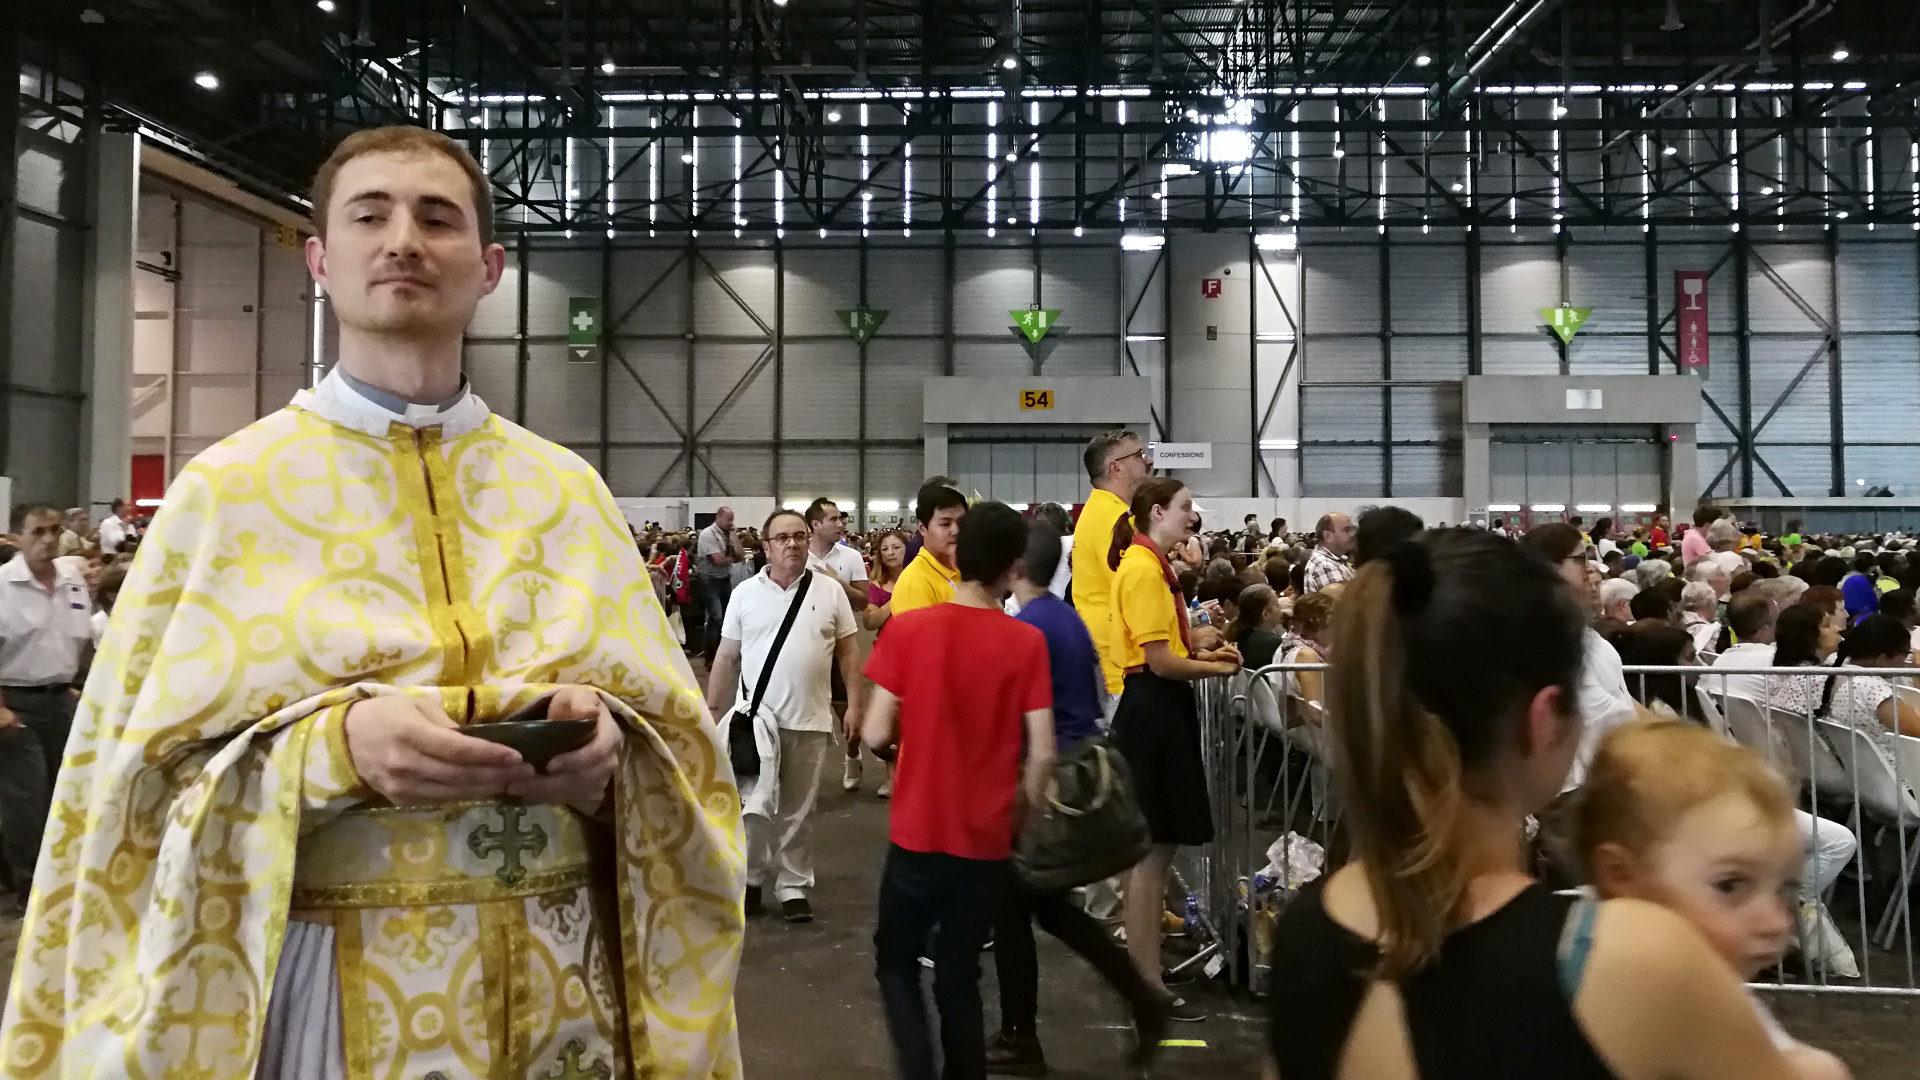 Kommunion an der Papstmesse in Genf | © Francesca Trento